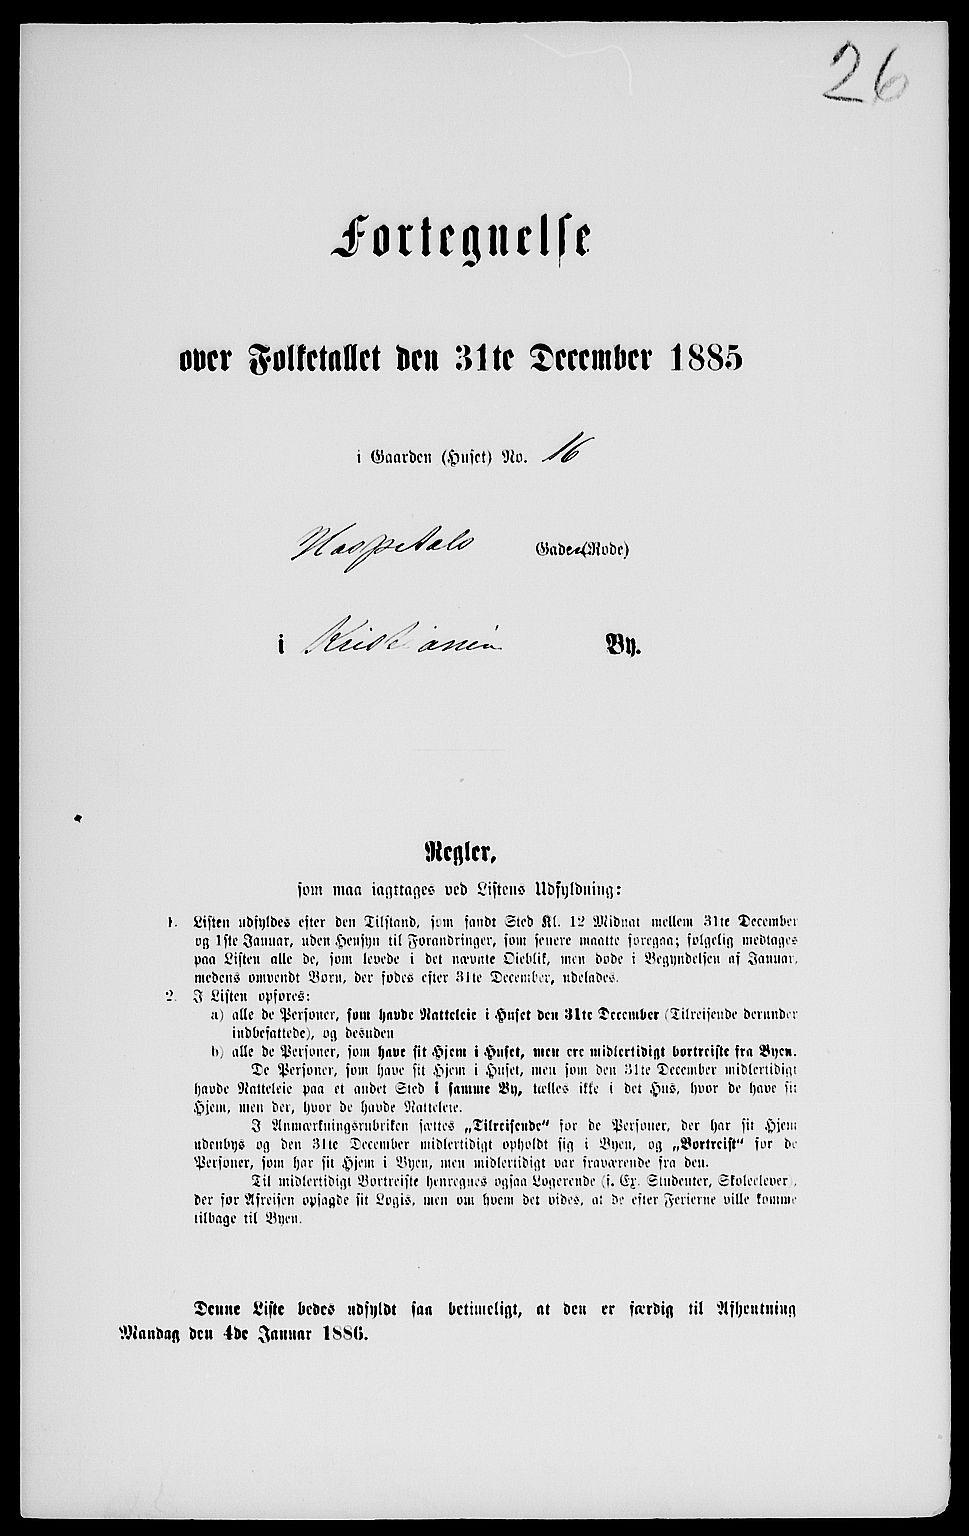 RA, Folketelling 1885 for 0301 Kristiania kjøpstad, 1885, s. 1560